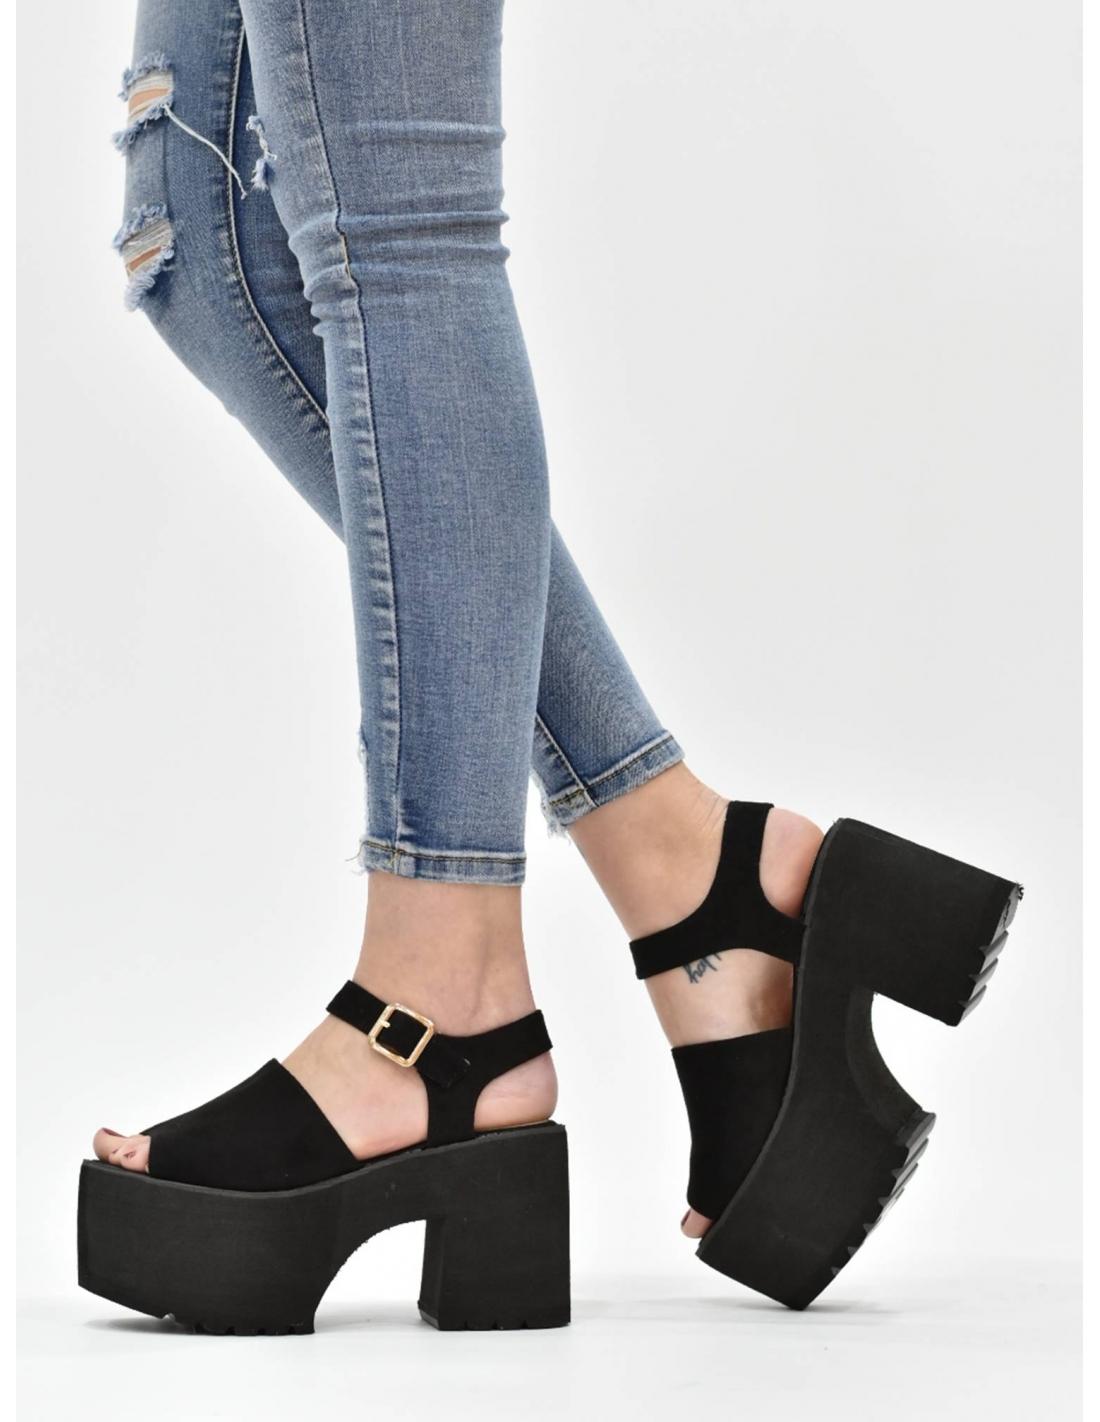 Sandalia de plataforma negra / Based